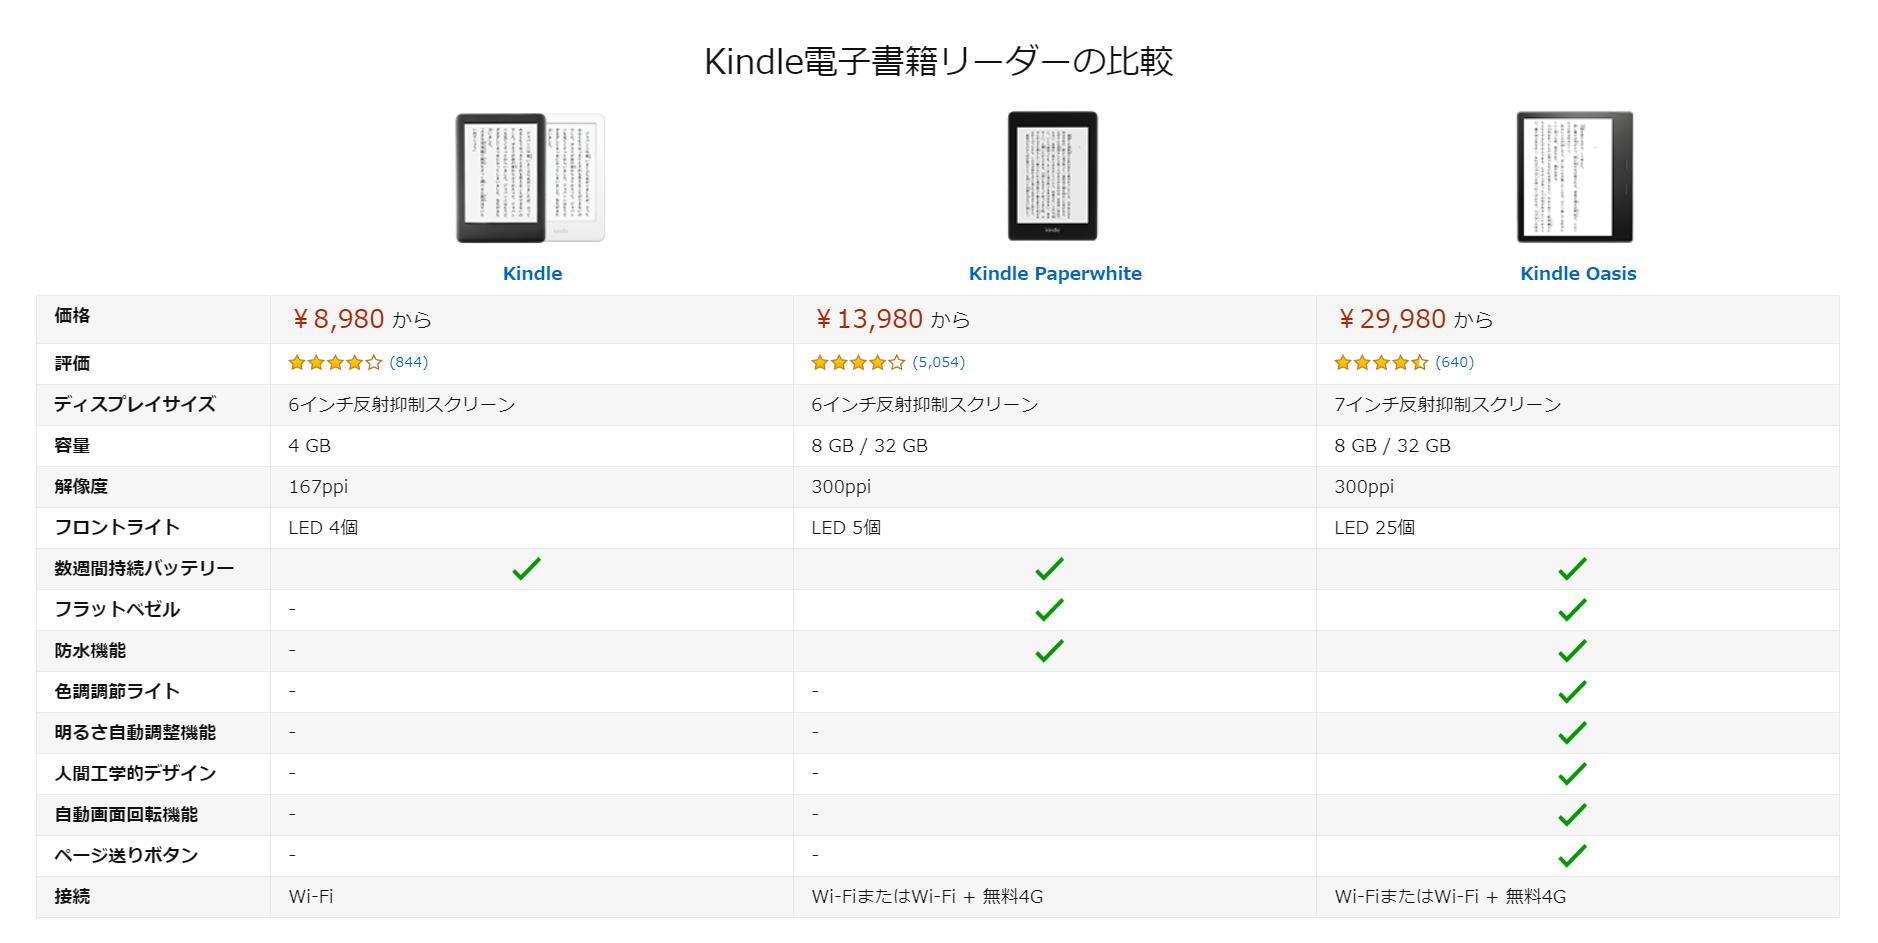 Kindle端末スペック比較